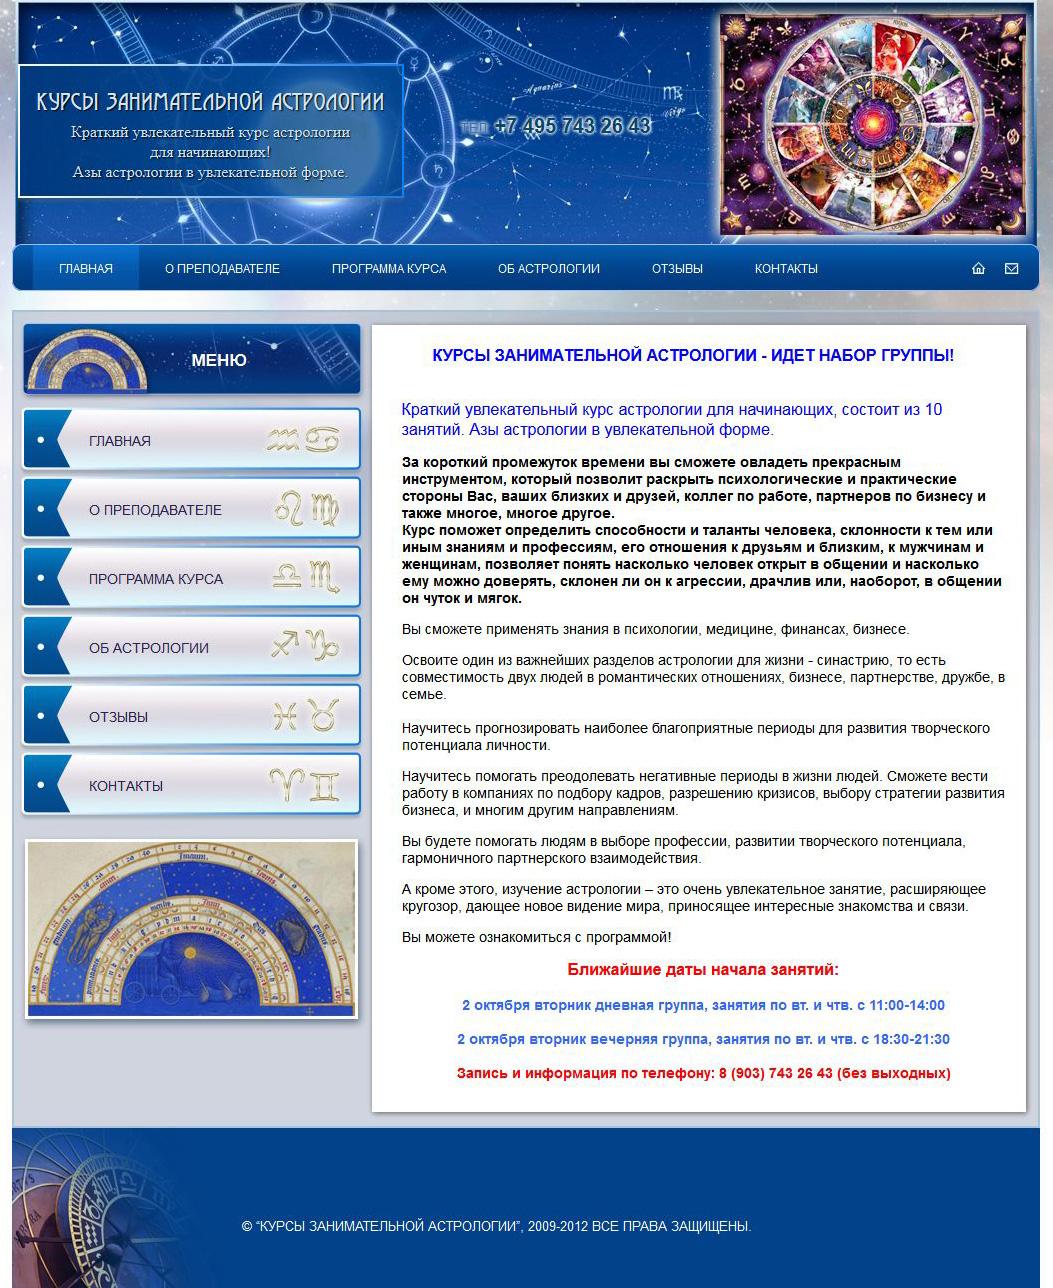 Курсы занимательной астрологии